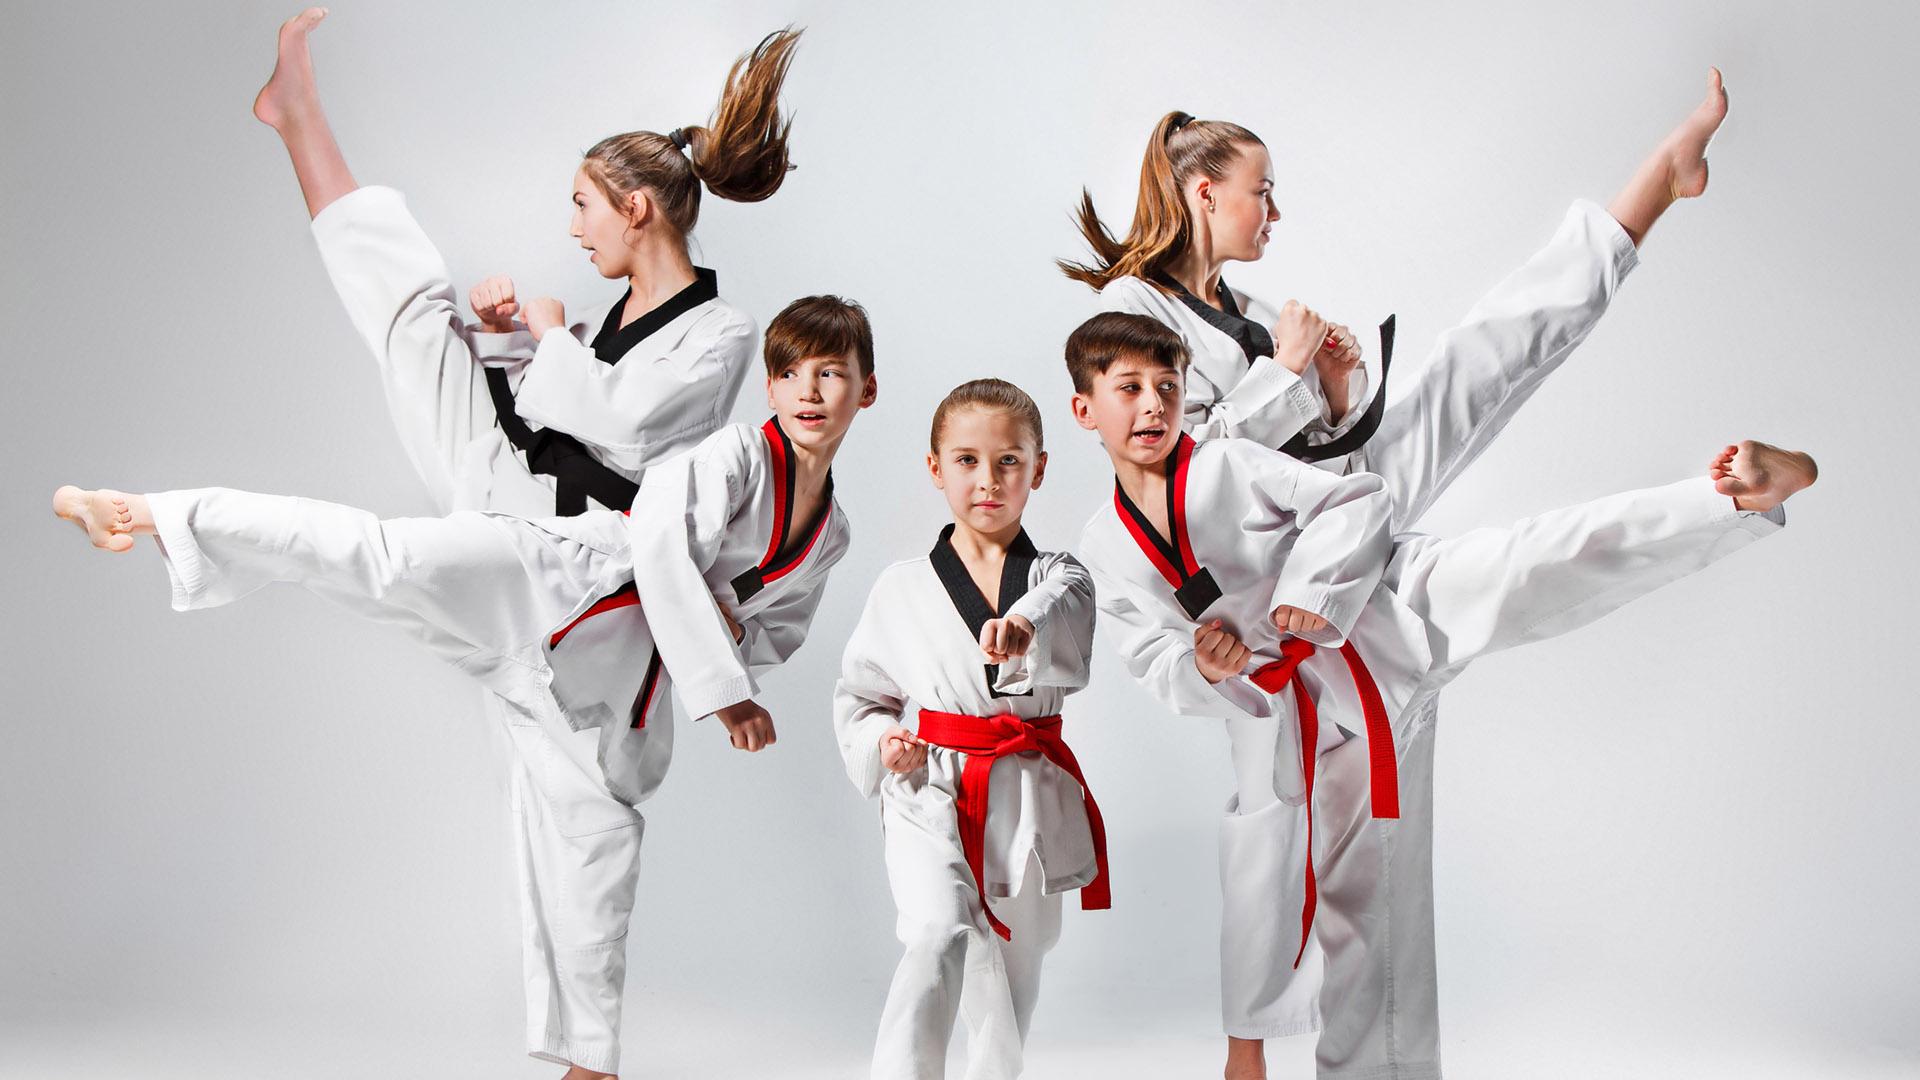 Vs khac karate nao taekwondo nhau cho 💥 7